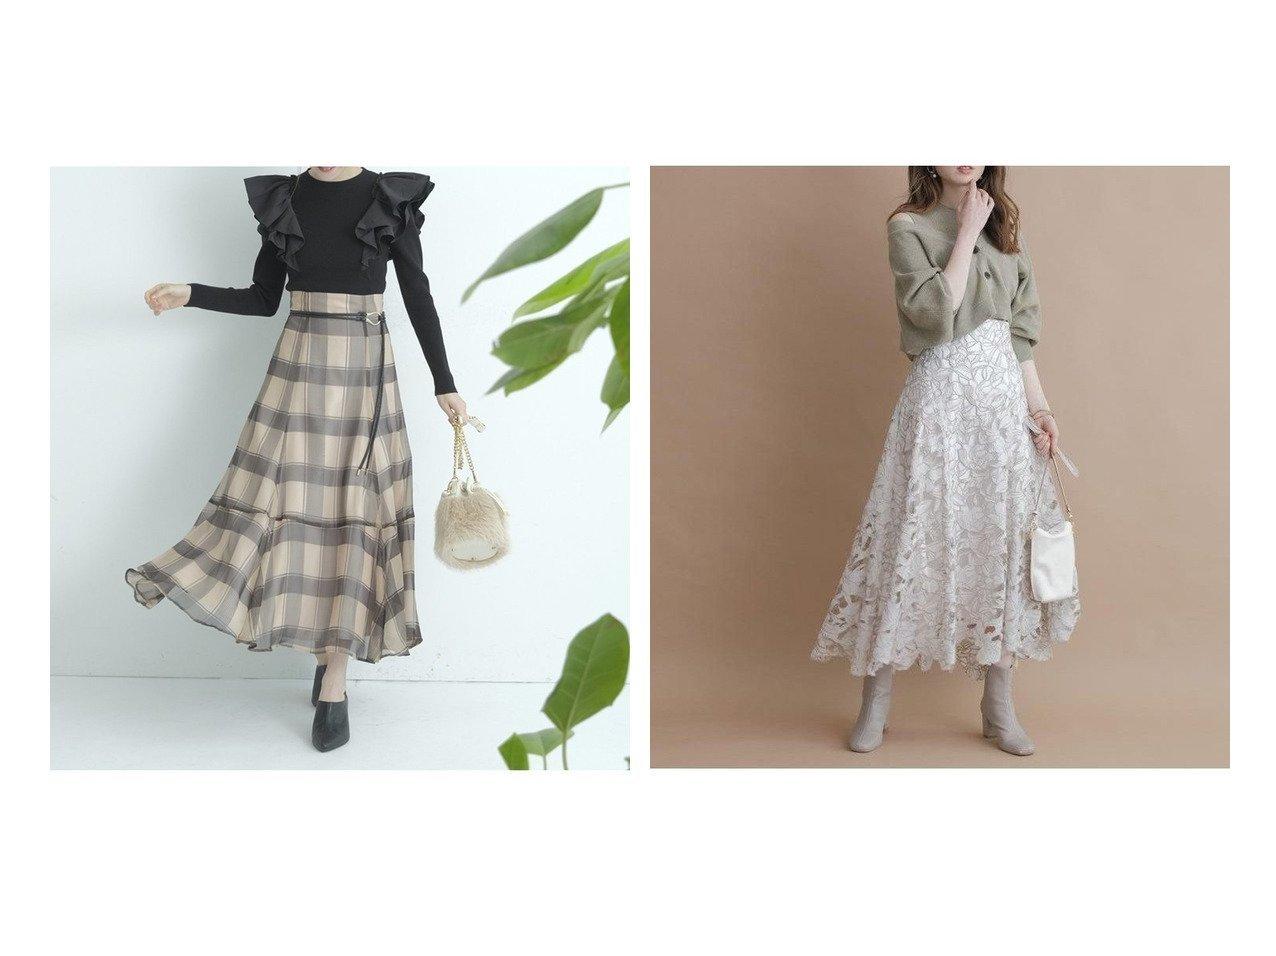 【Apuweiser-riche/アプワイザーリッシェ】のカットワークロングスカート&【Rirandture/リランドチュール】のチェックオーガンスカート 【スカート】おすすめ!人気、トレンド・レディースファッションの通販 おすすめで人気の流行・トレンド、ファッションの通販商品 インテリア・家具・メンズファッション・キッズファッション・レディースファッション・服の通販 founy(ファニー) https://founy.com/ ファッション Fashion レディースファッション WOMEN スカート Skirt Aライン/フレアスカート Flared A-Line Skirts ロングスカート Long Skirt ギャザー フラワー フレア ヘムライン モチーフ レース ロング ワーク エレガント オーガンジー チェック 切替 |ID:crp329100000070674